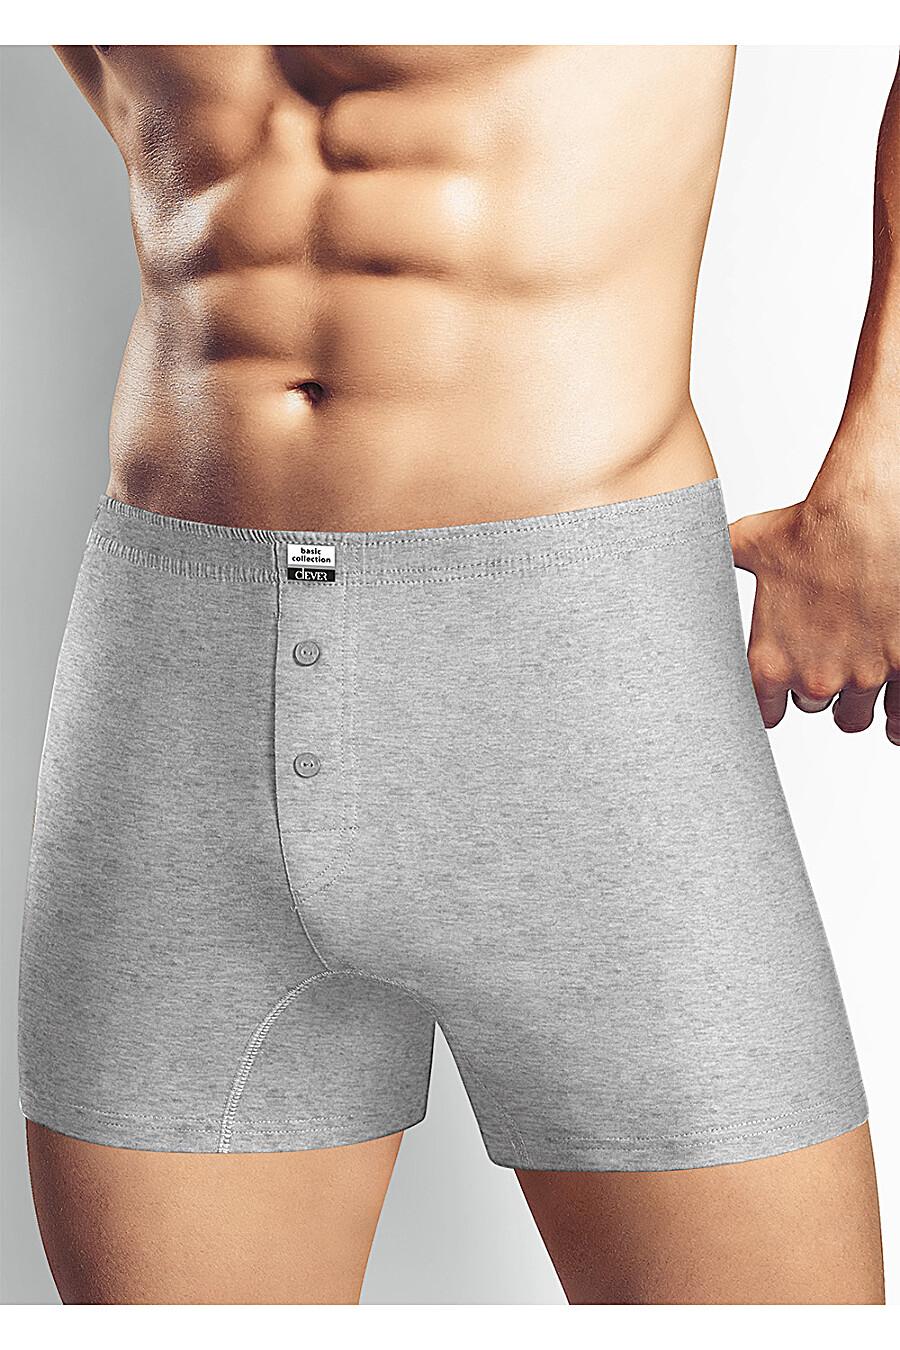 Трусы для мужчин CLEVER 151966 купить оптом от производителя. Совместная покупка мужской одежды в OptMoyo